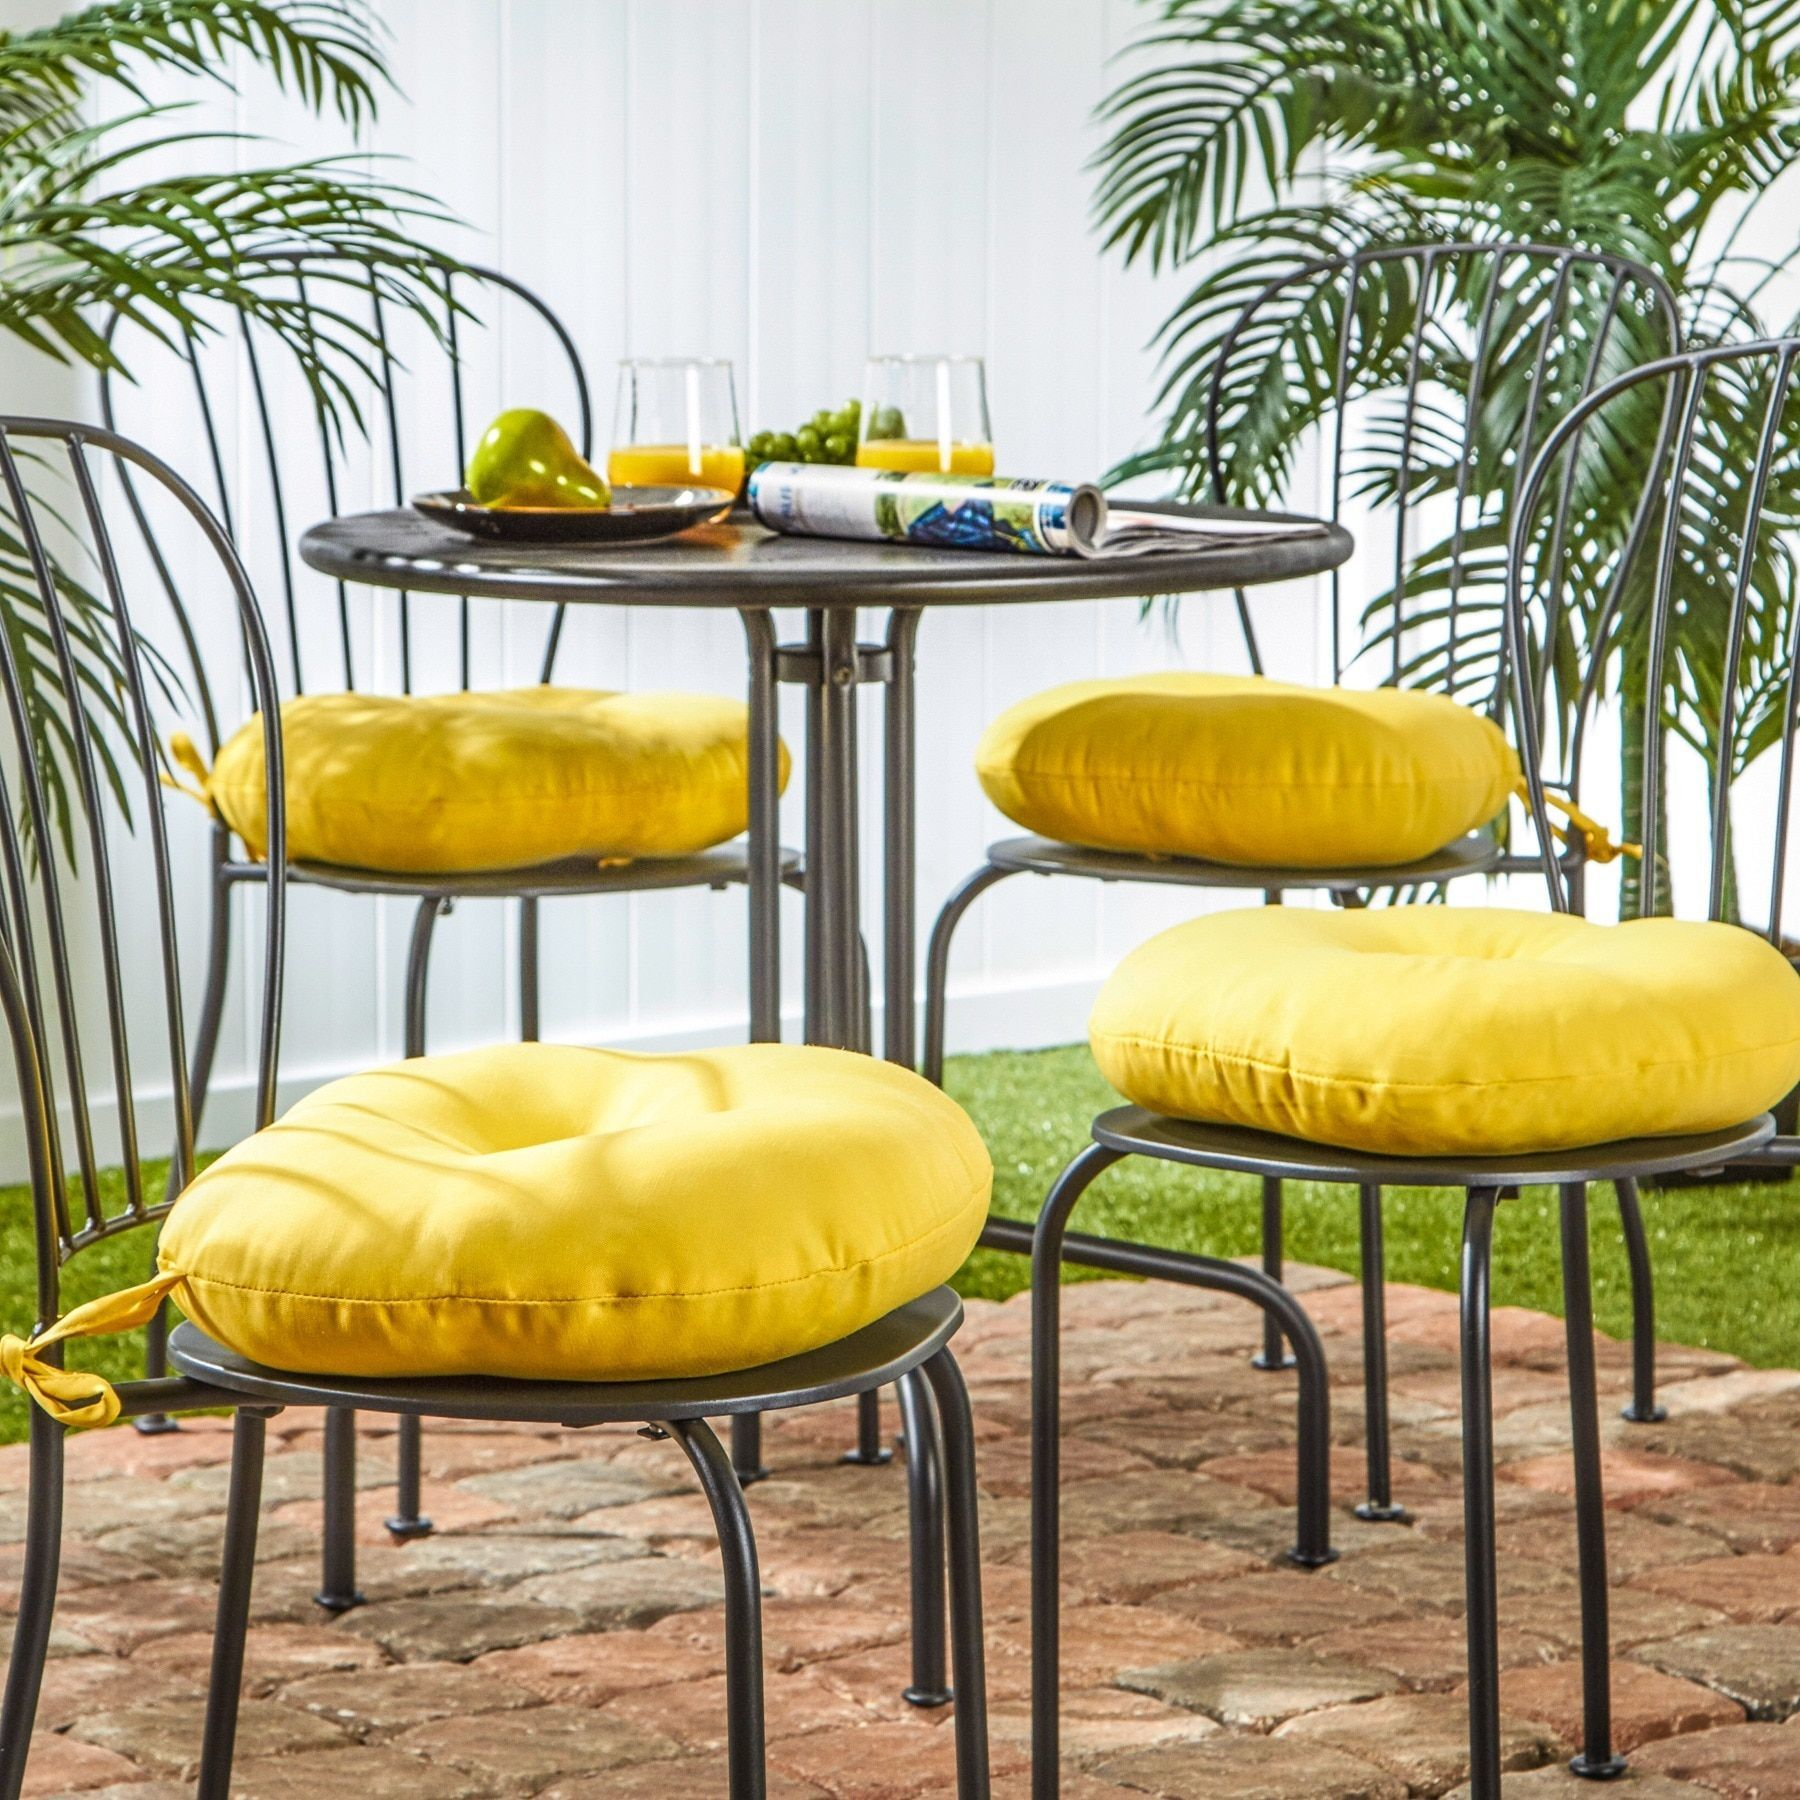 15 Inch Round Outdoor Sunbeam Bistro Chair Cushion Set Of 4